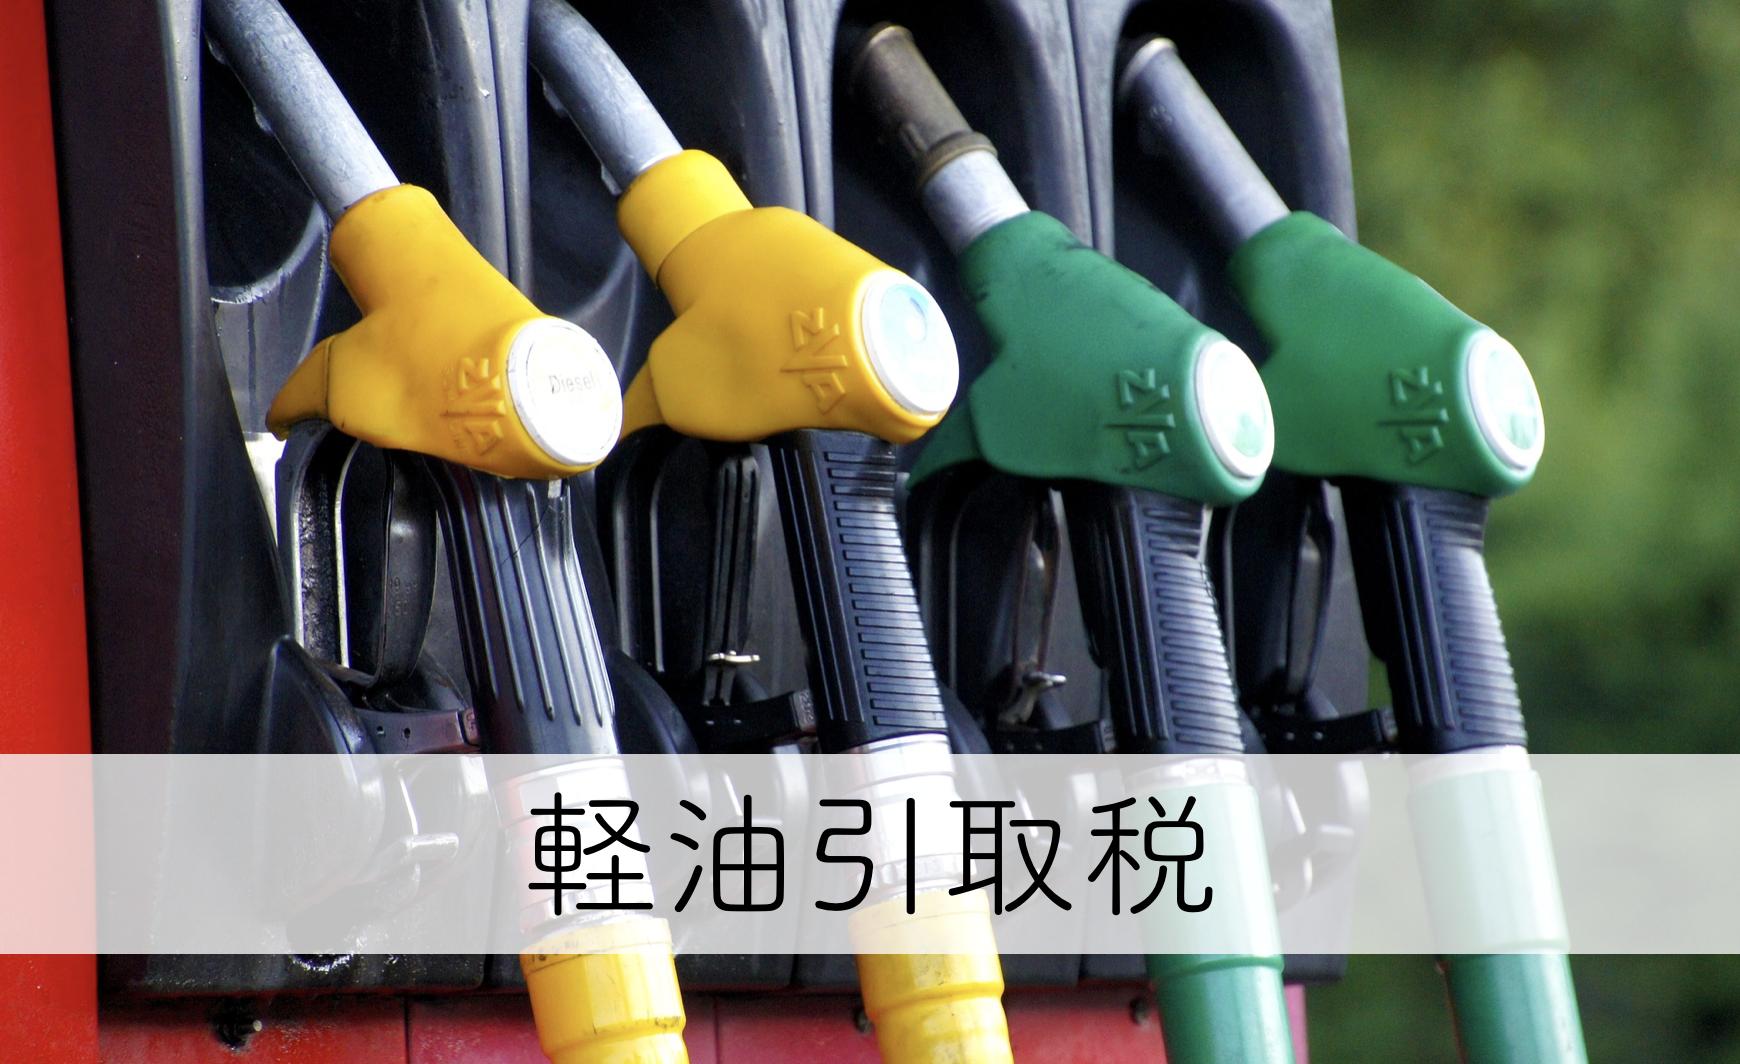 軽油引取税